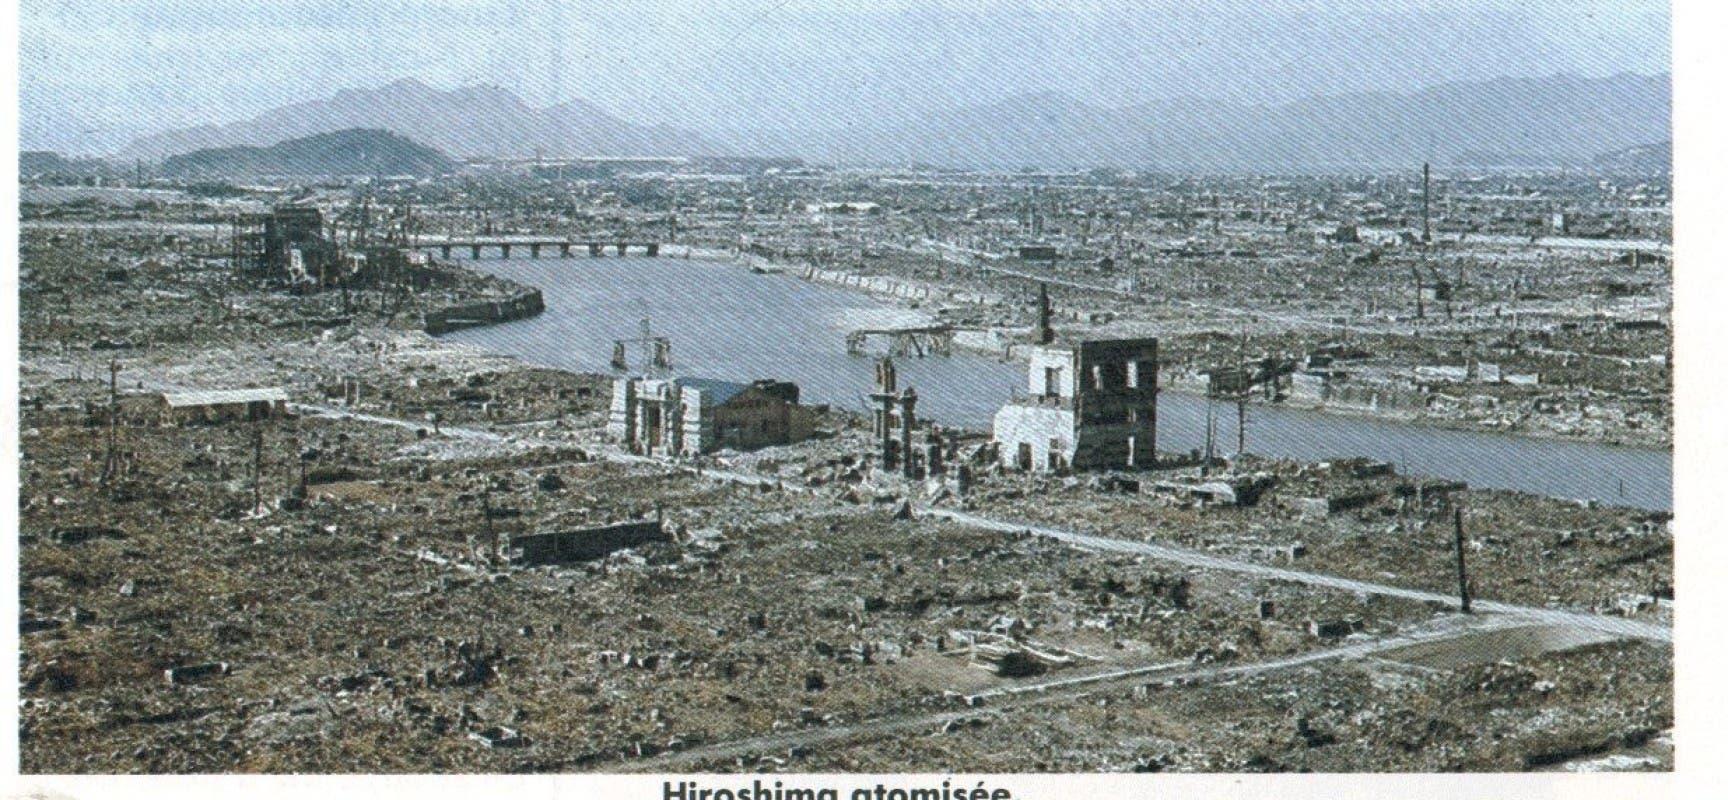 هيروشيما عقب استهدافها بالقنبلة الذرية